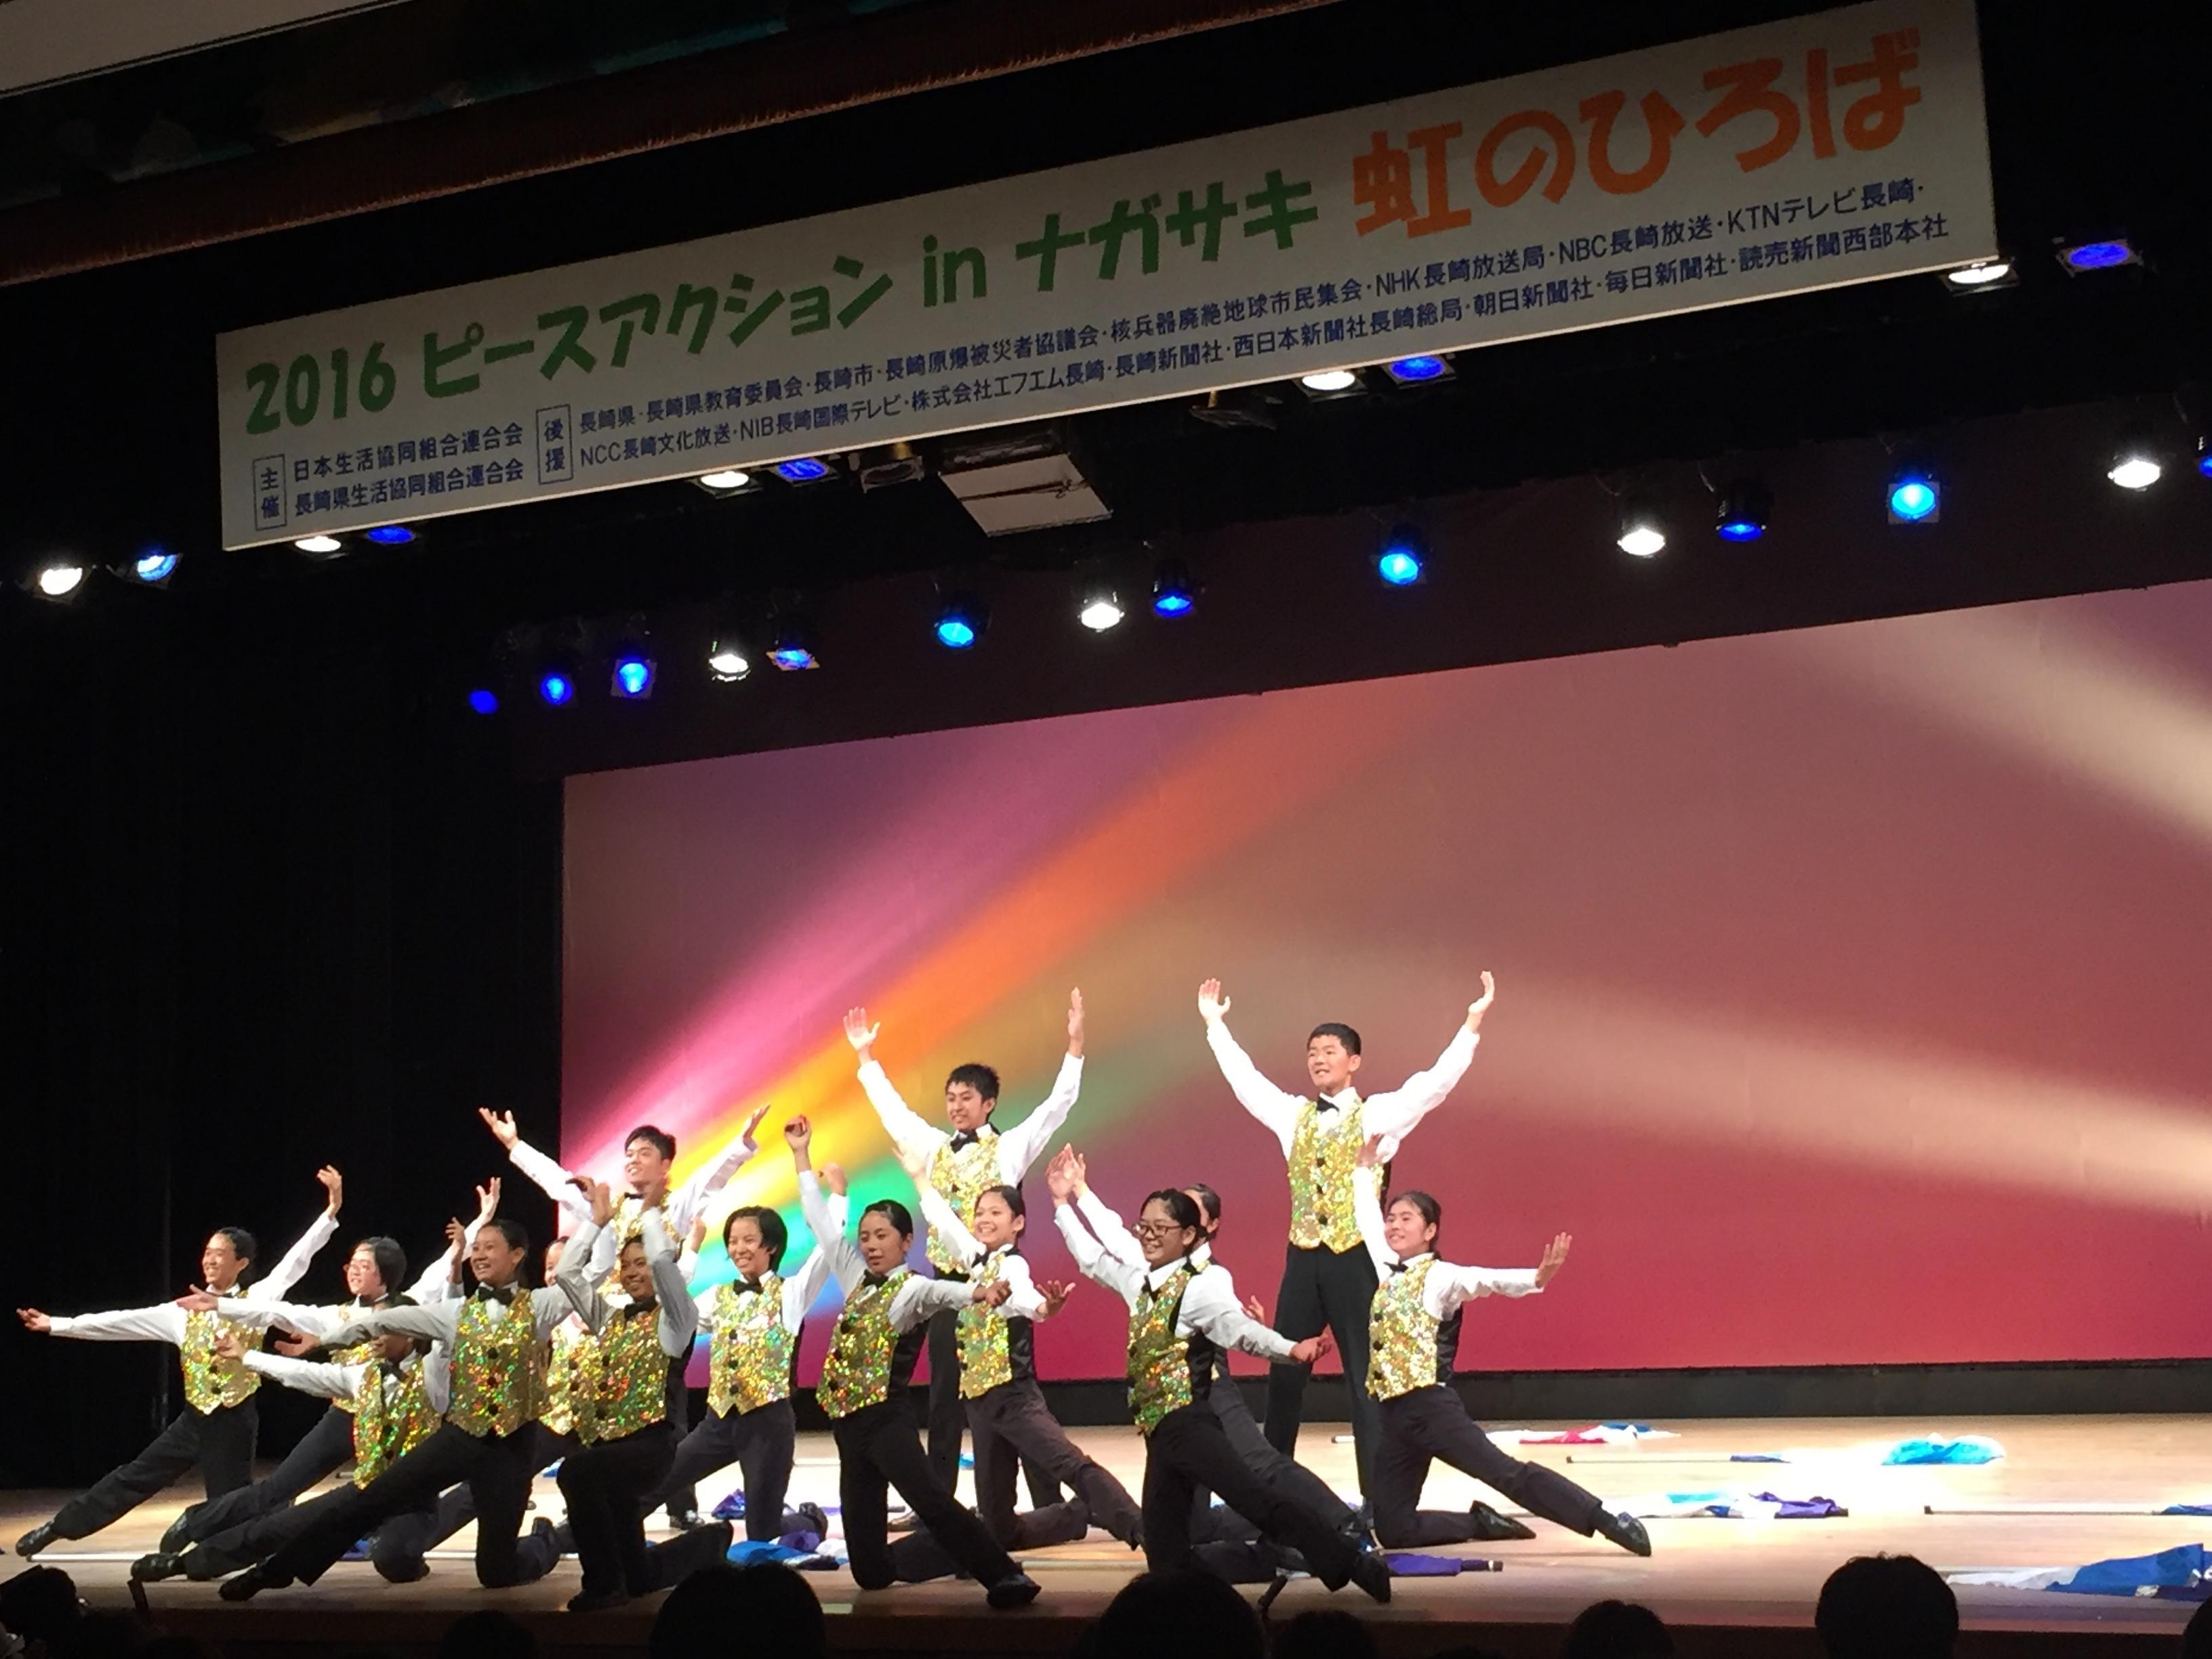 日本生協連の虹のひろば」